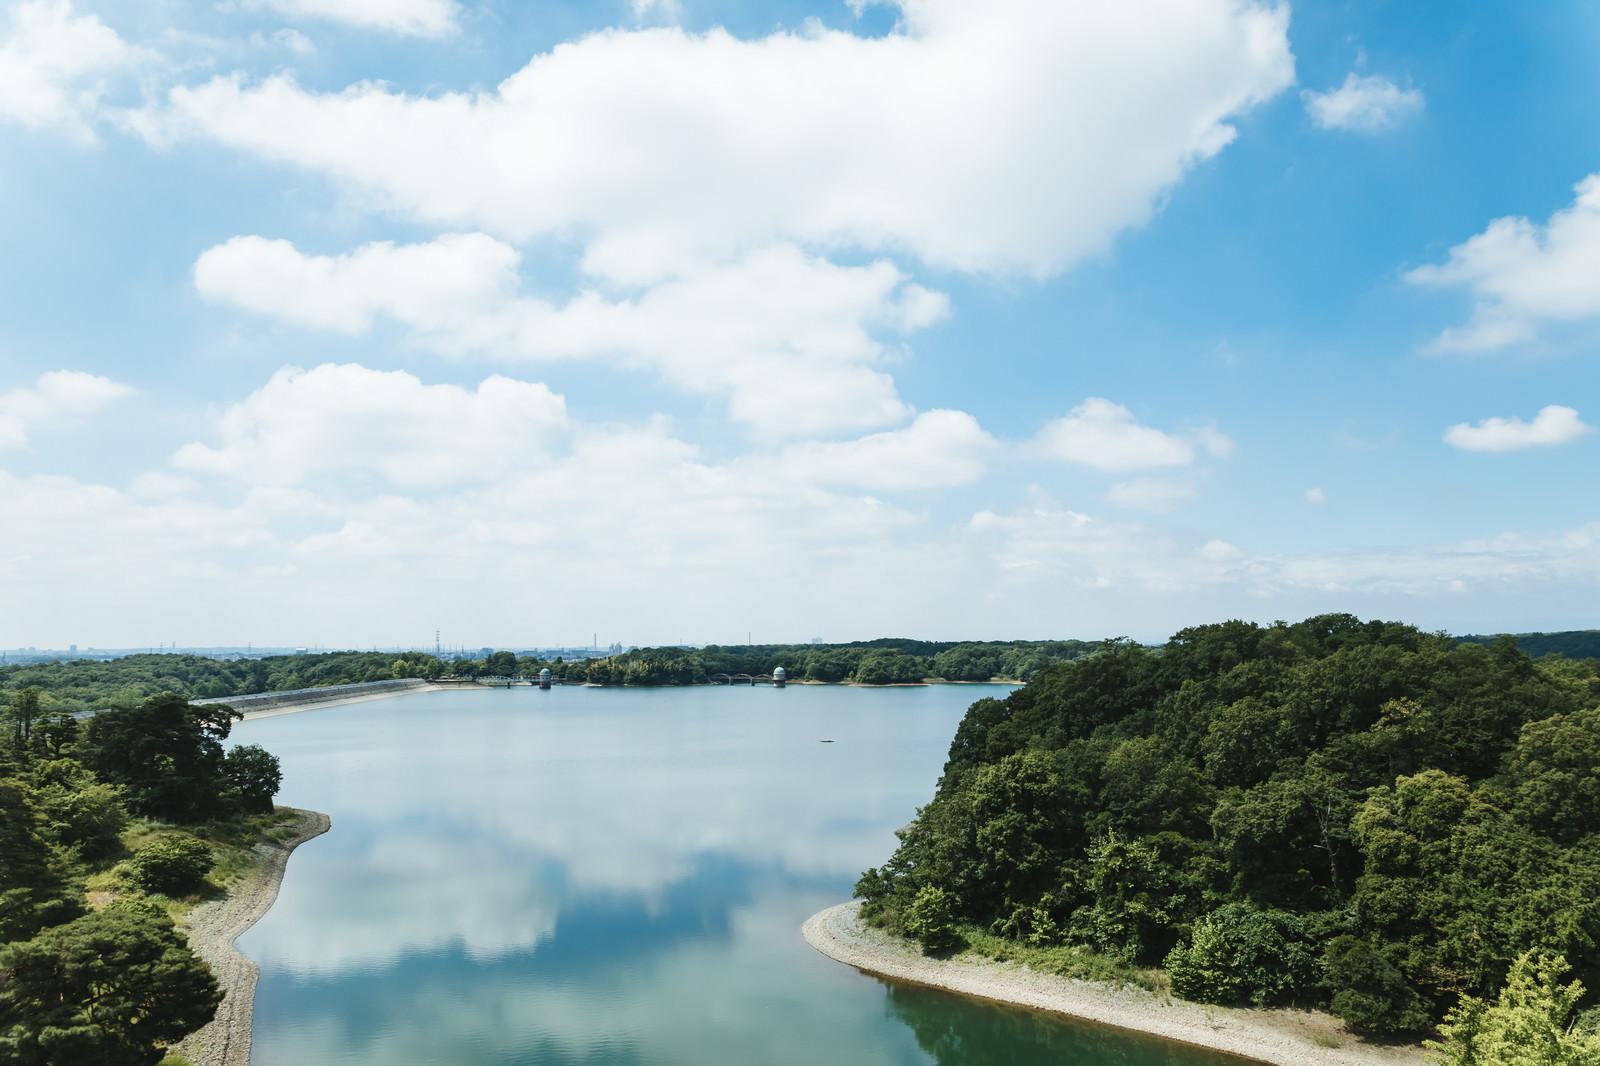 「天気のよい多摩湖」の写真